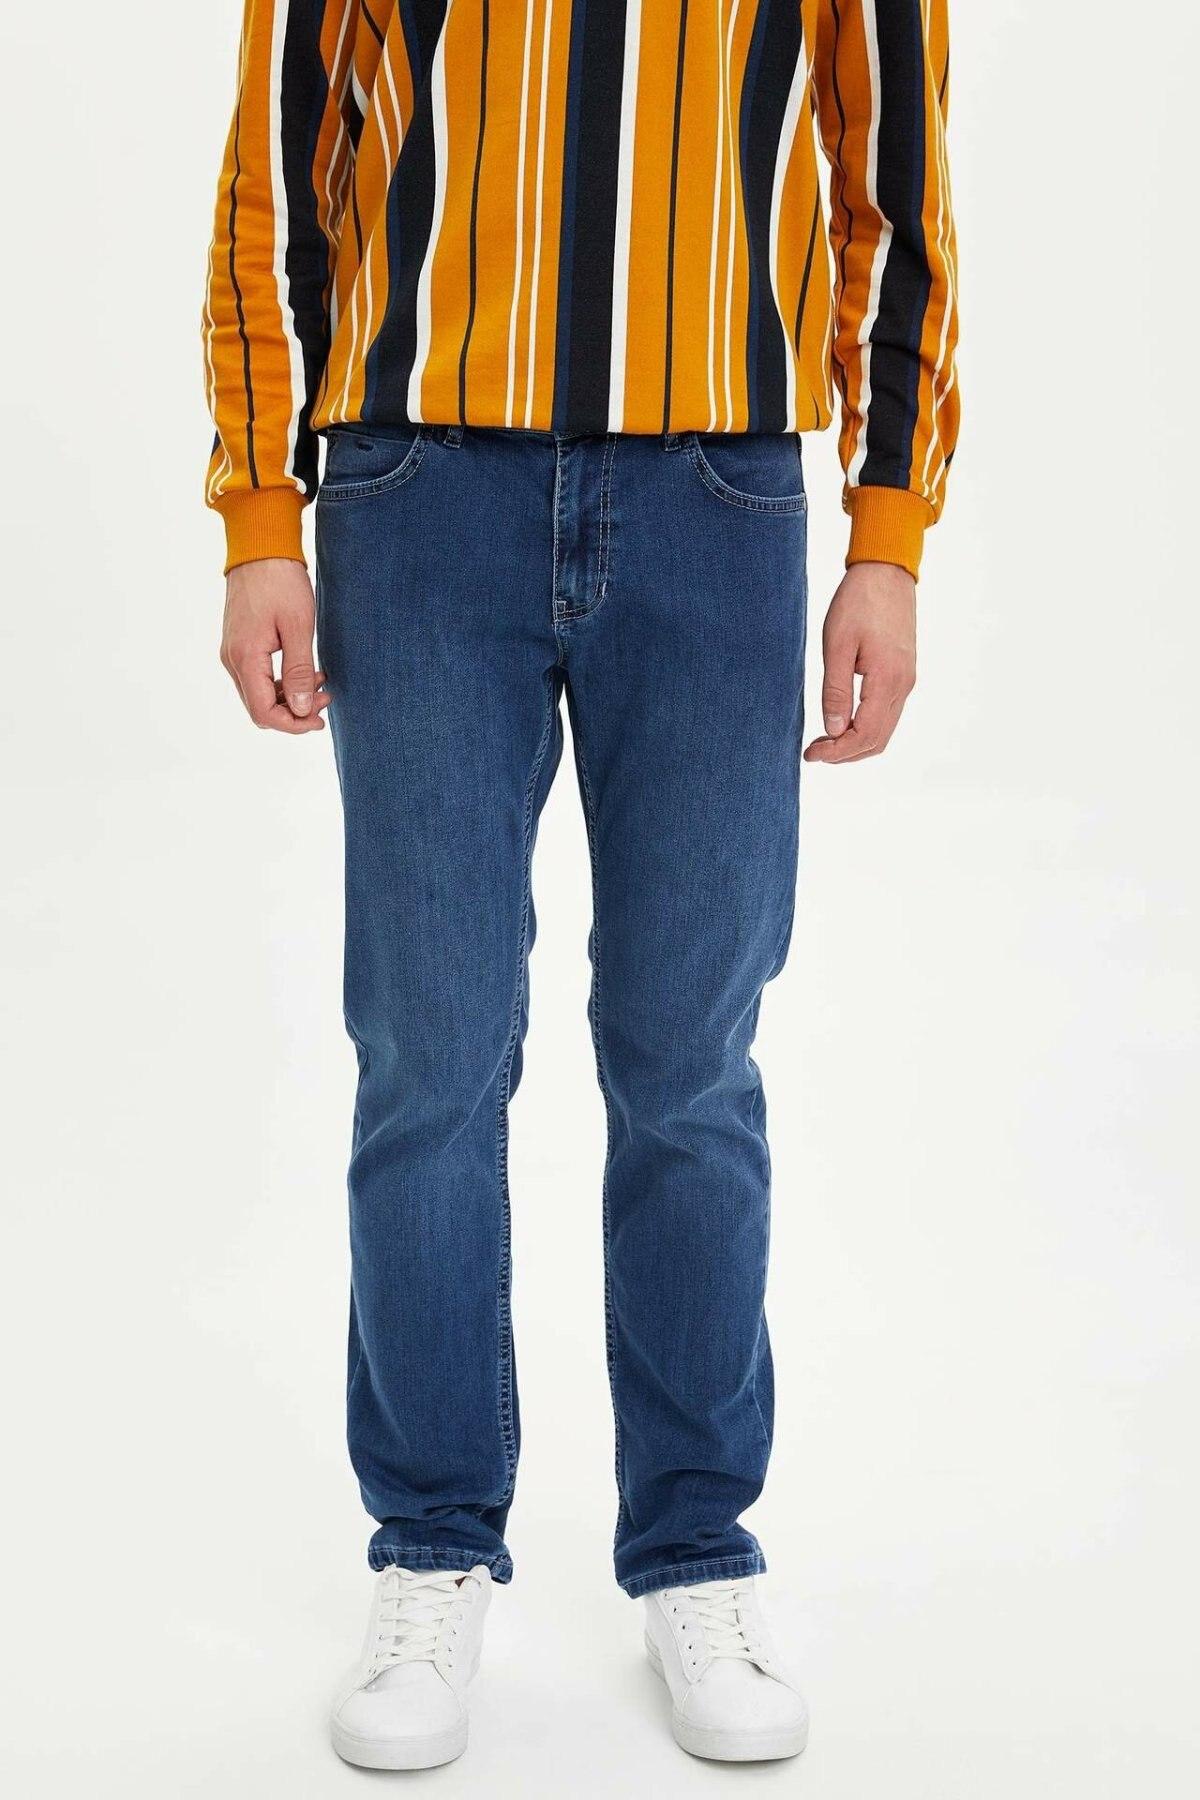 DeFacto Man Straight Denim Jeans Men Blue Jeans Pants Casual Long Pants Mid-waist Men Bottoms Blue Denim Trousers-M4001AZ19WN